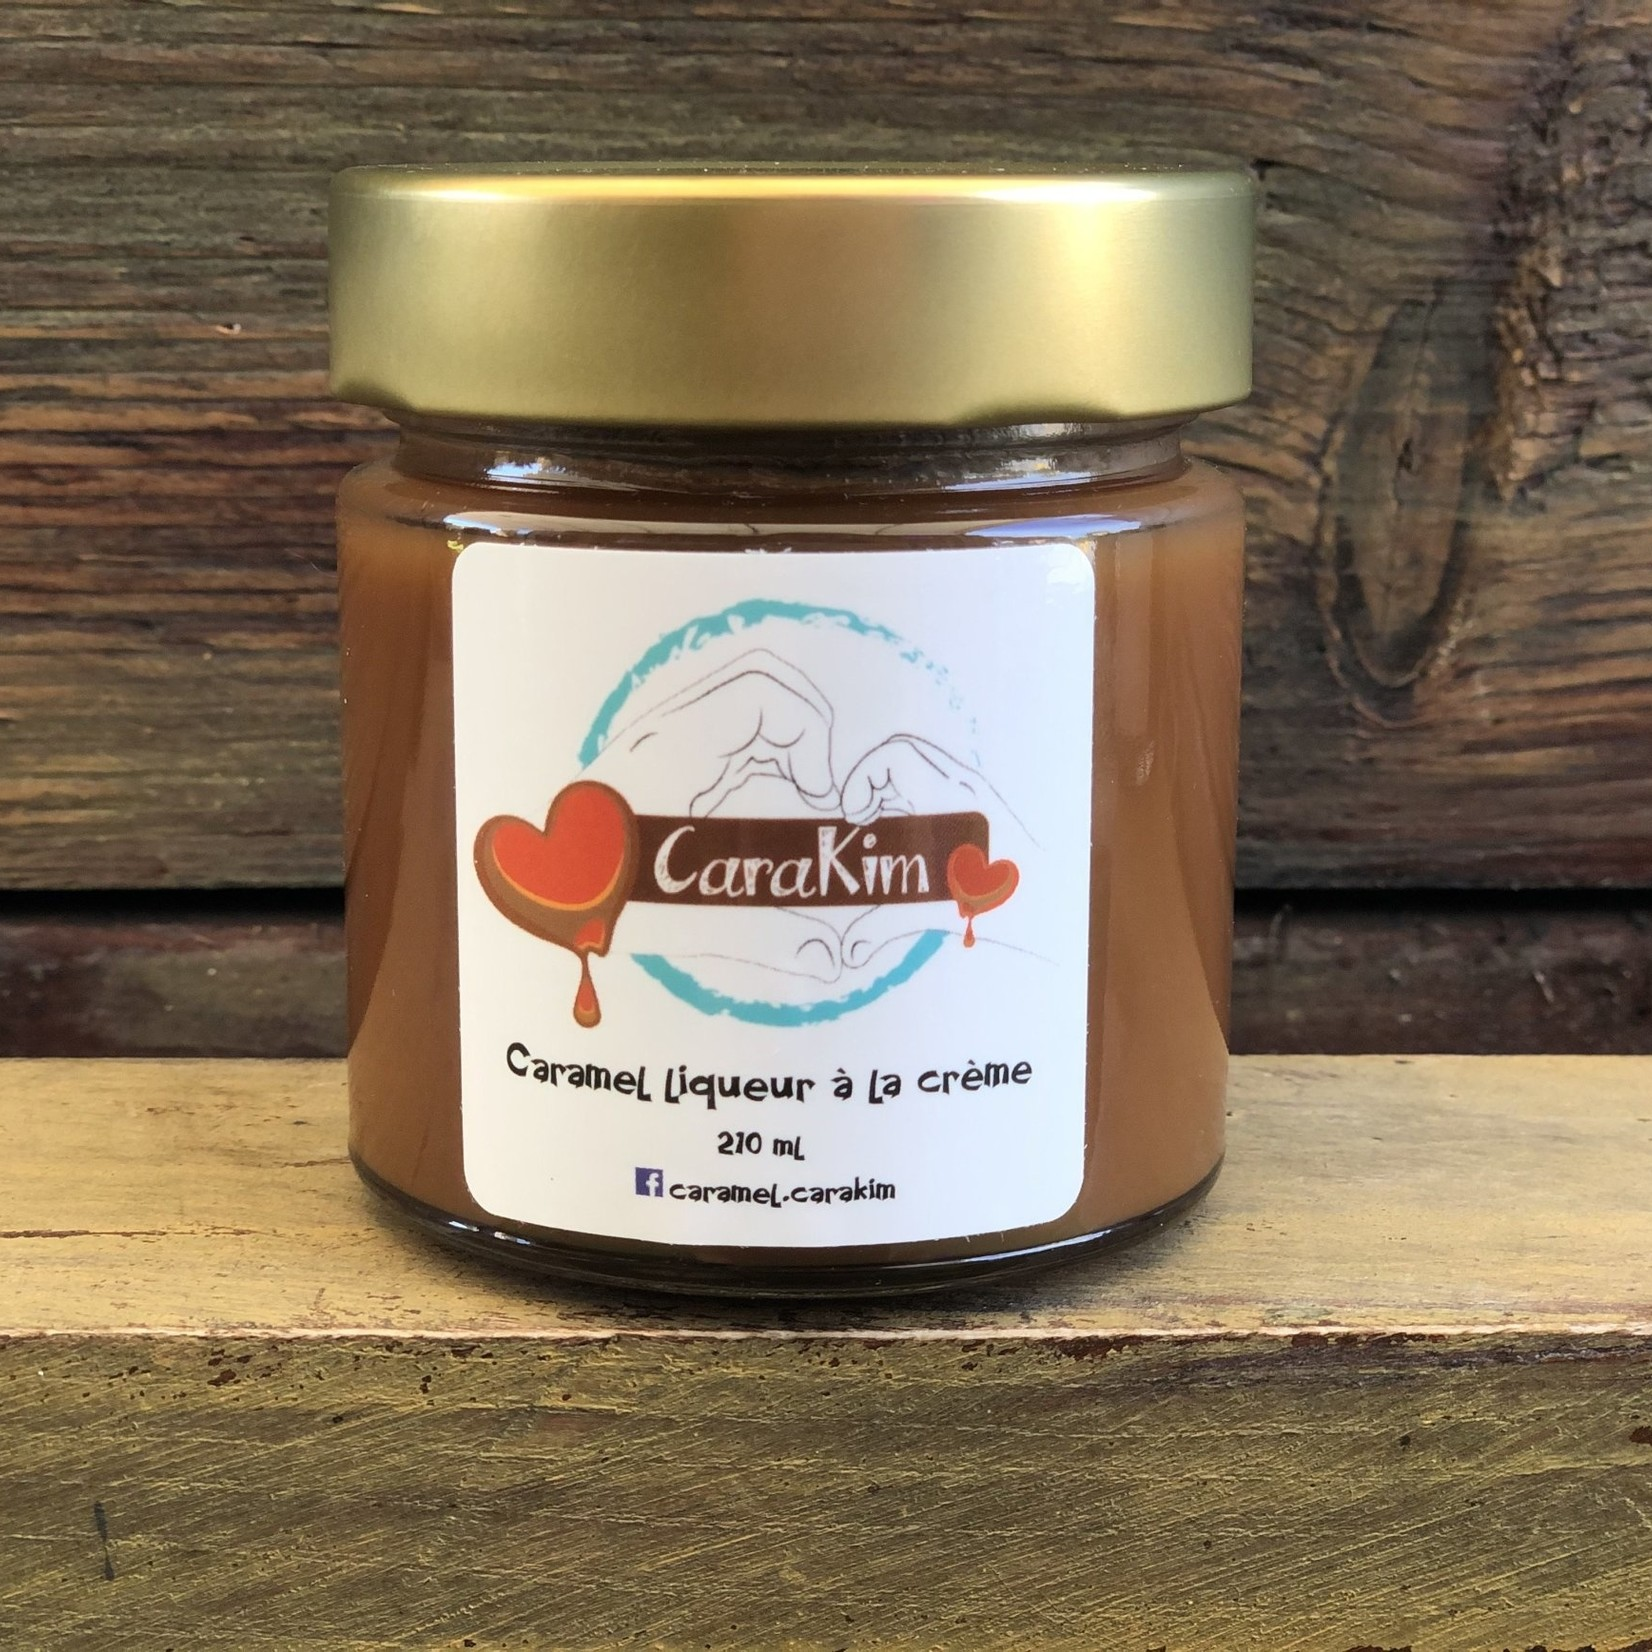 Tartinade - Caramel Liqueur à la crème